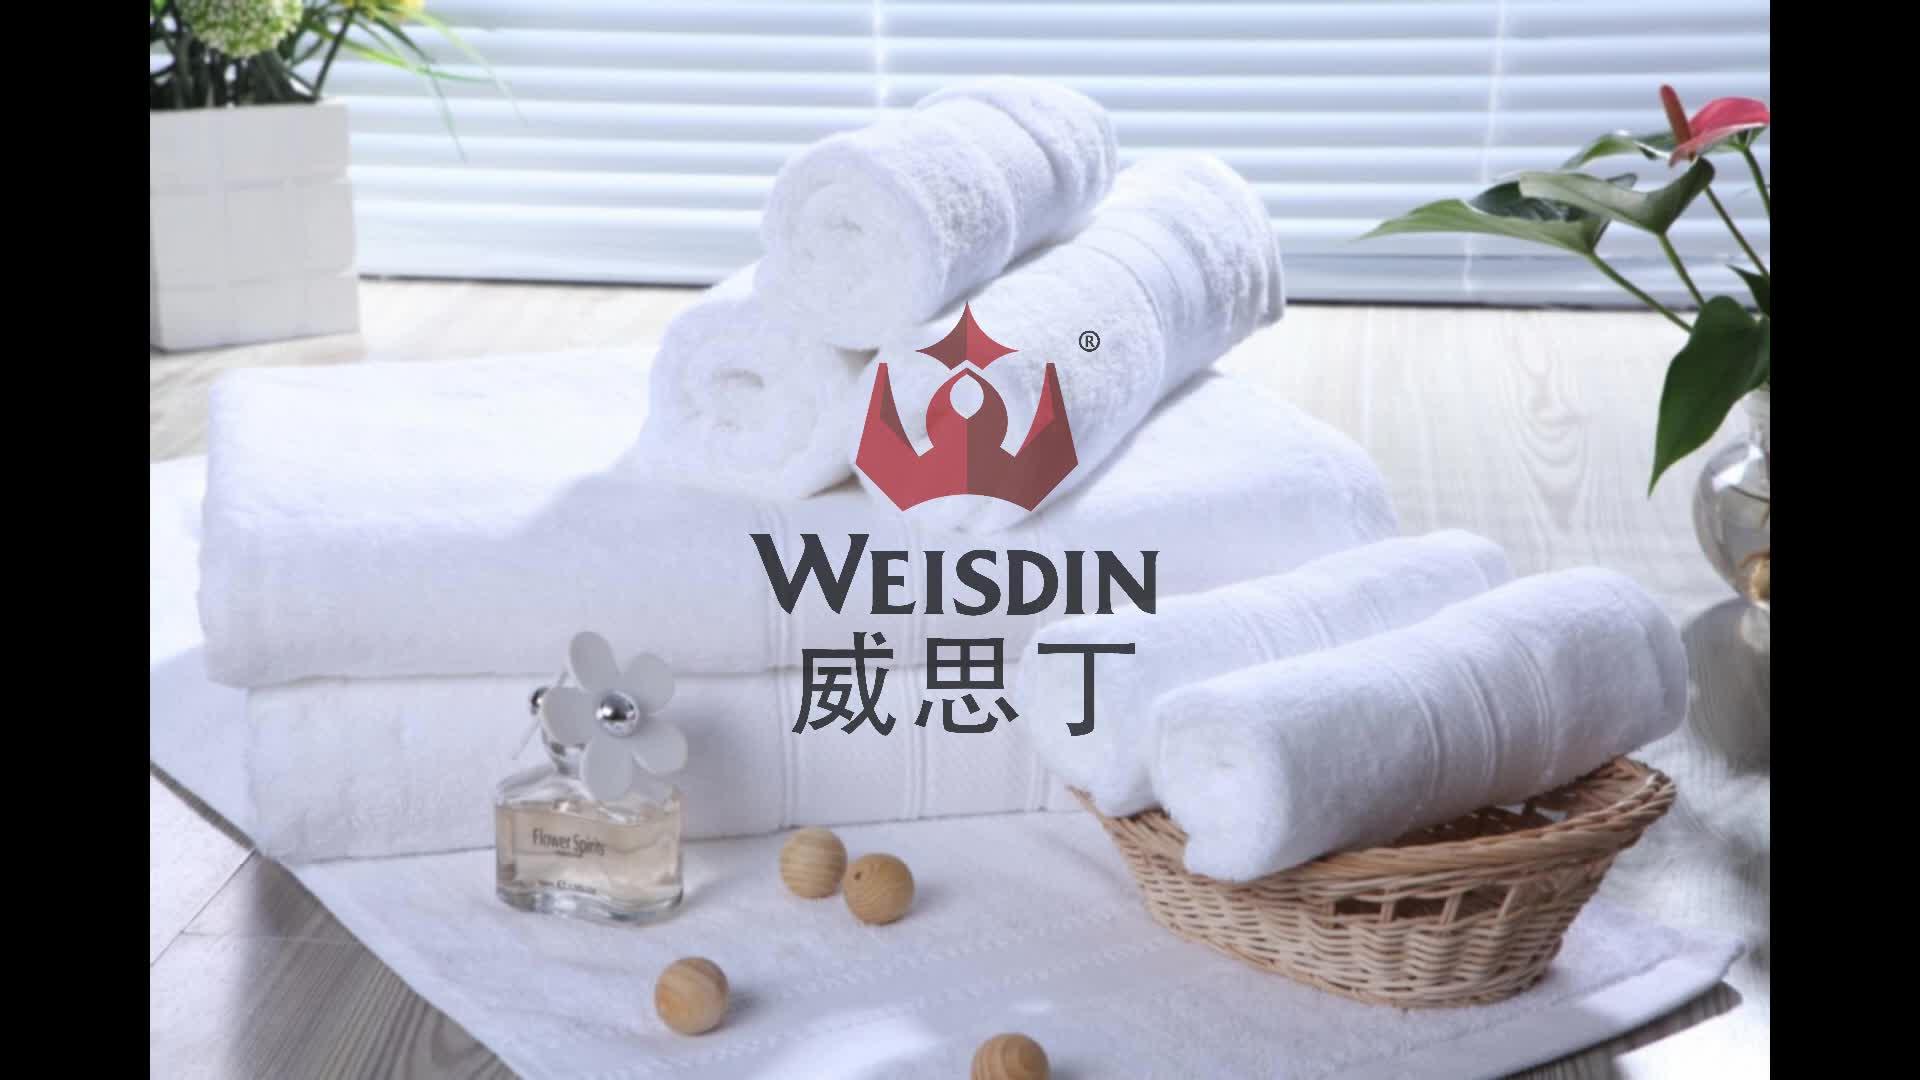 ร้อนขายผ้าฝ้าย100%ขอบDobbyผ้าขนหนูโรงแรมตุรกีผ้าฝ้ายผ้าขนหนูอาบน้ำ